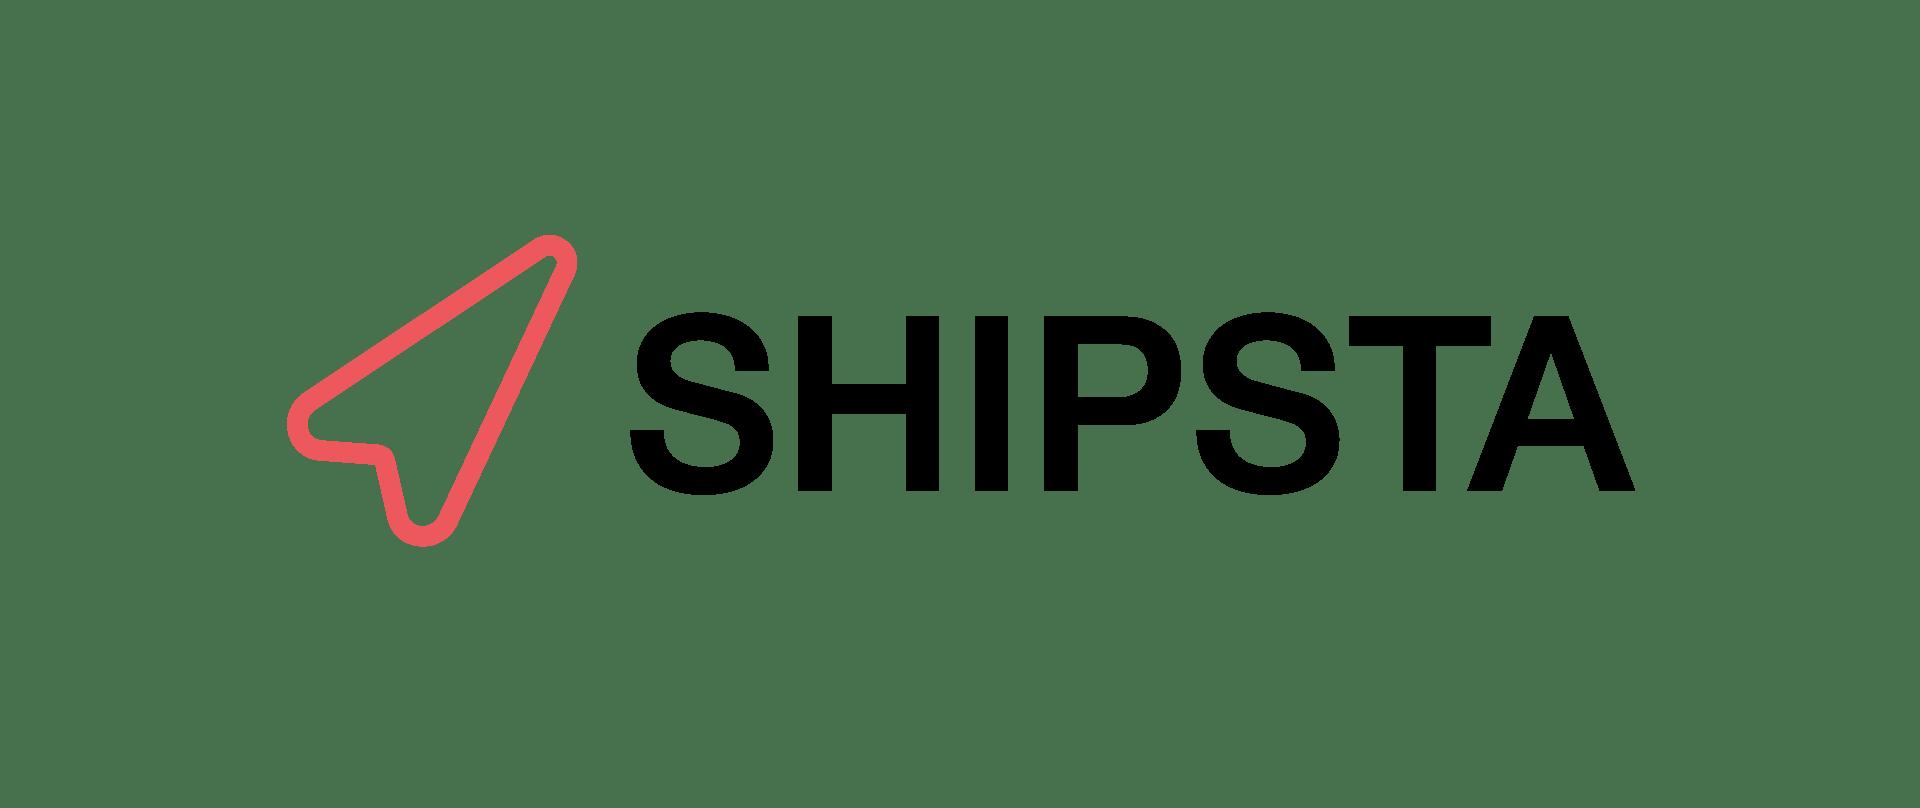 SHIPSTA